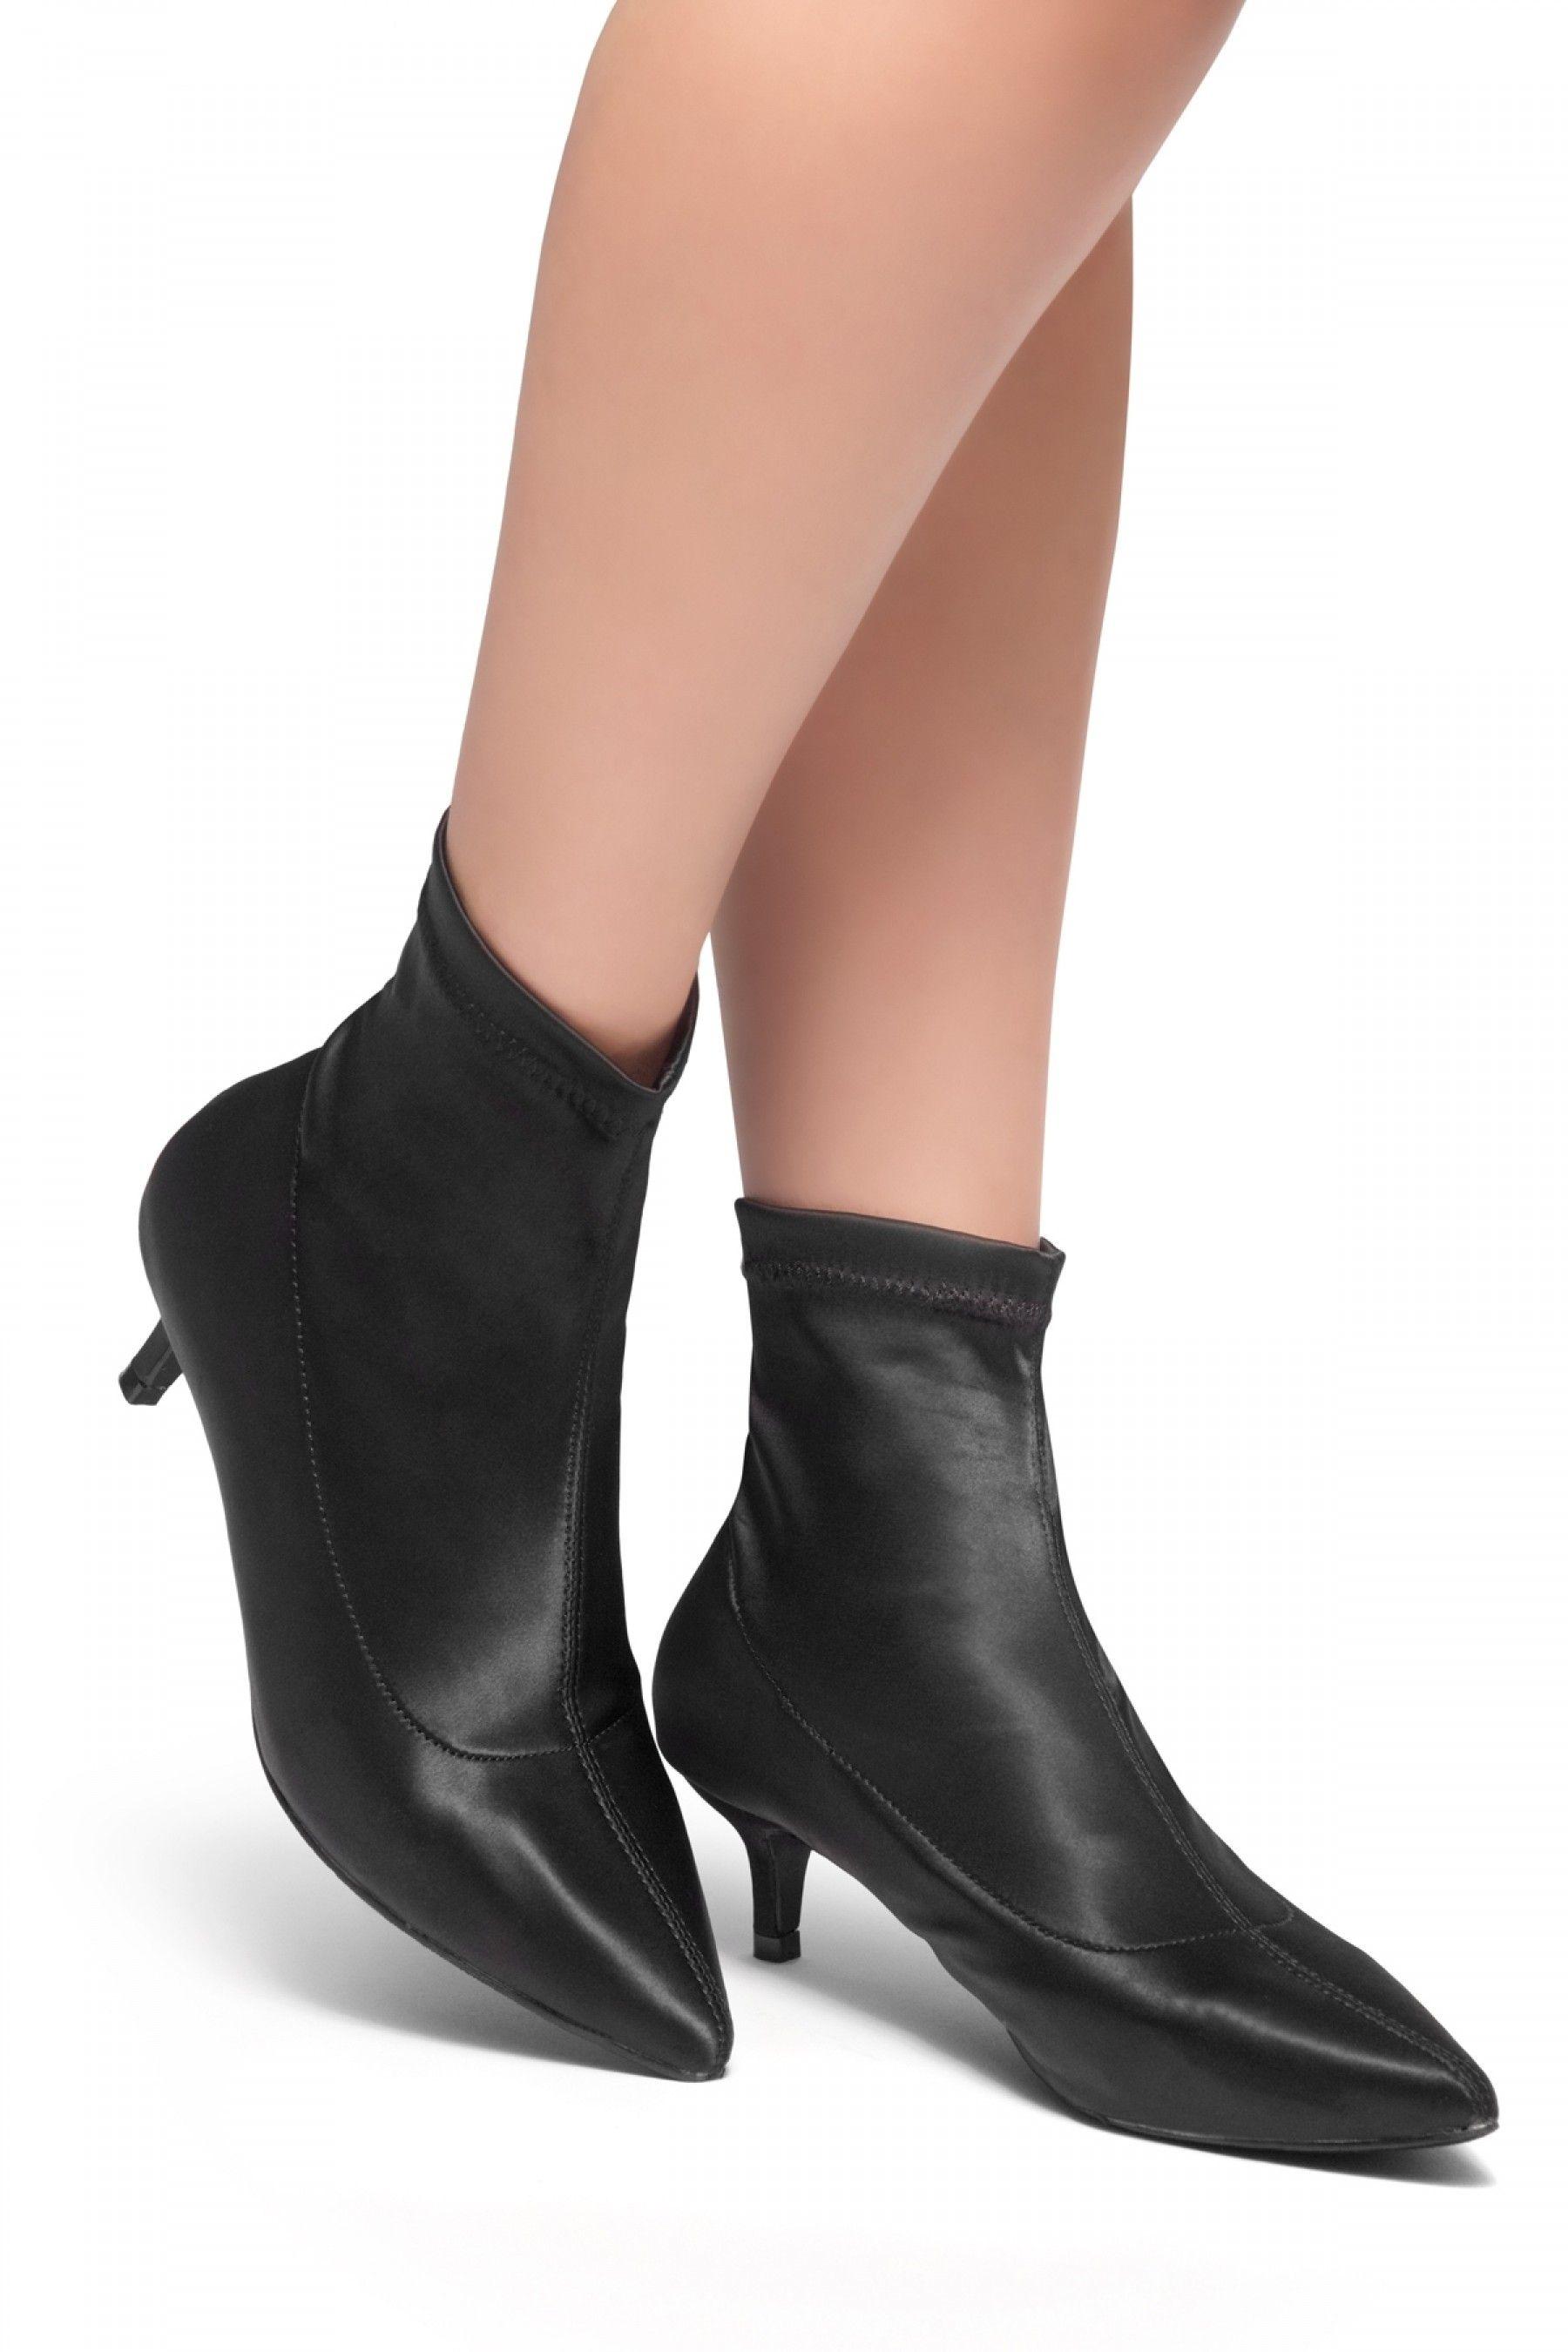 Kitten Heel Boots Black In 2020 Kitten Heel Boots Sock Ankle Boots Black Heel Boots